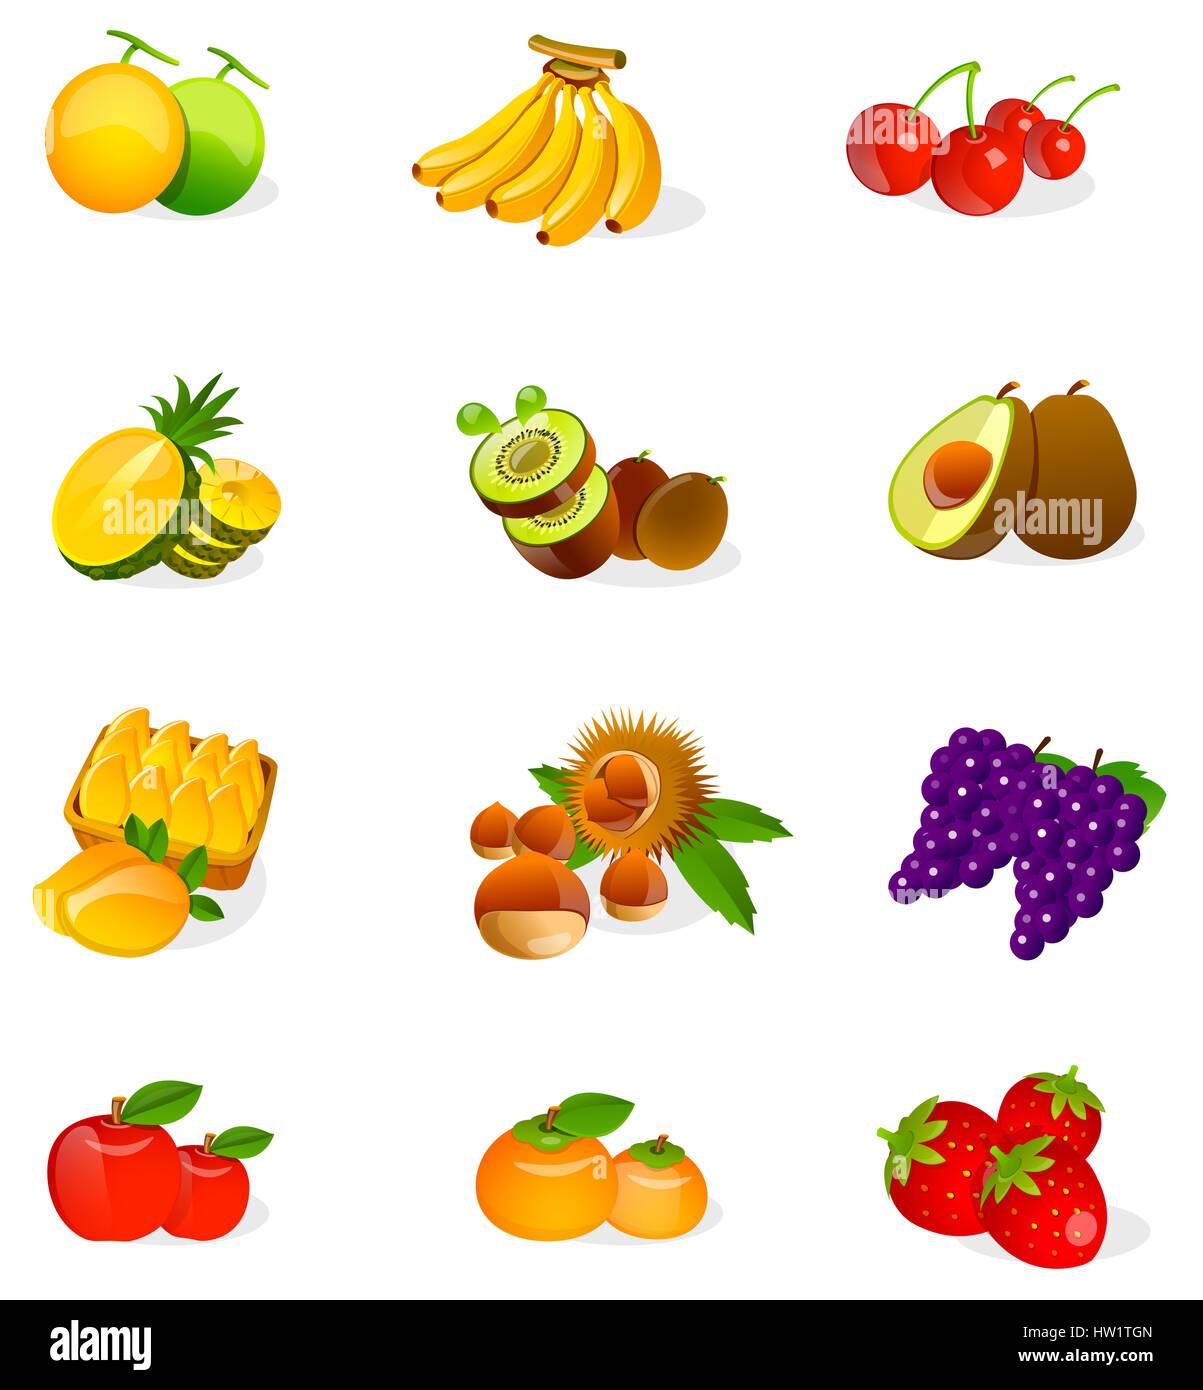 L Avocat Banane Pomme De De Clip Art Clipart Couleur Couleur Couleur Image Infographie Informatique Image Icone Genere Numeriquement Nourriture Nourriture Et Boissons Fruits Nutrition Raisin Biologique Nutritifs Graphiques Goyave Saine Alimentation